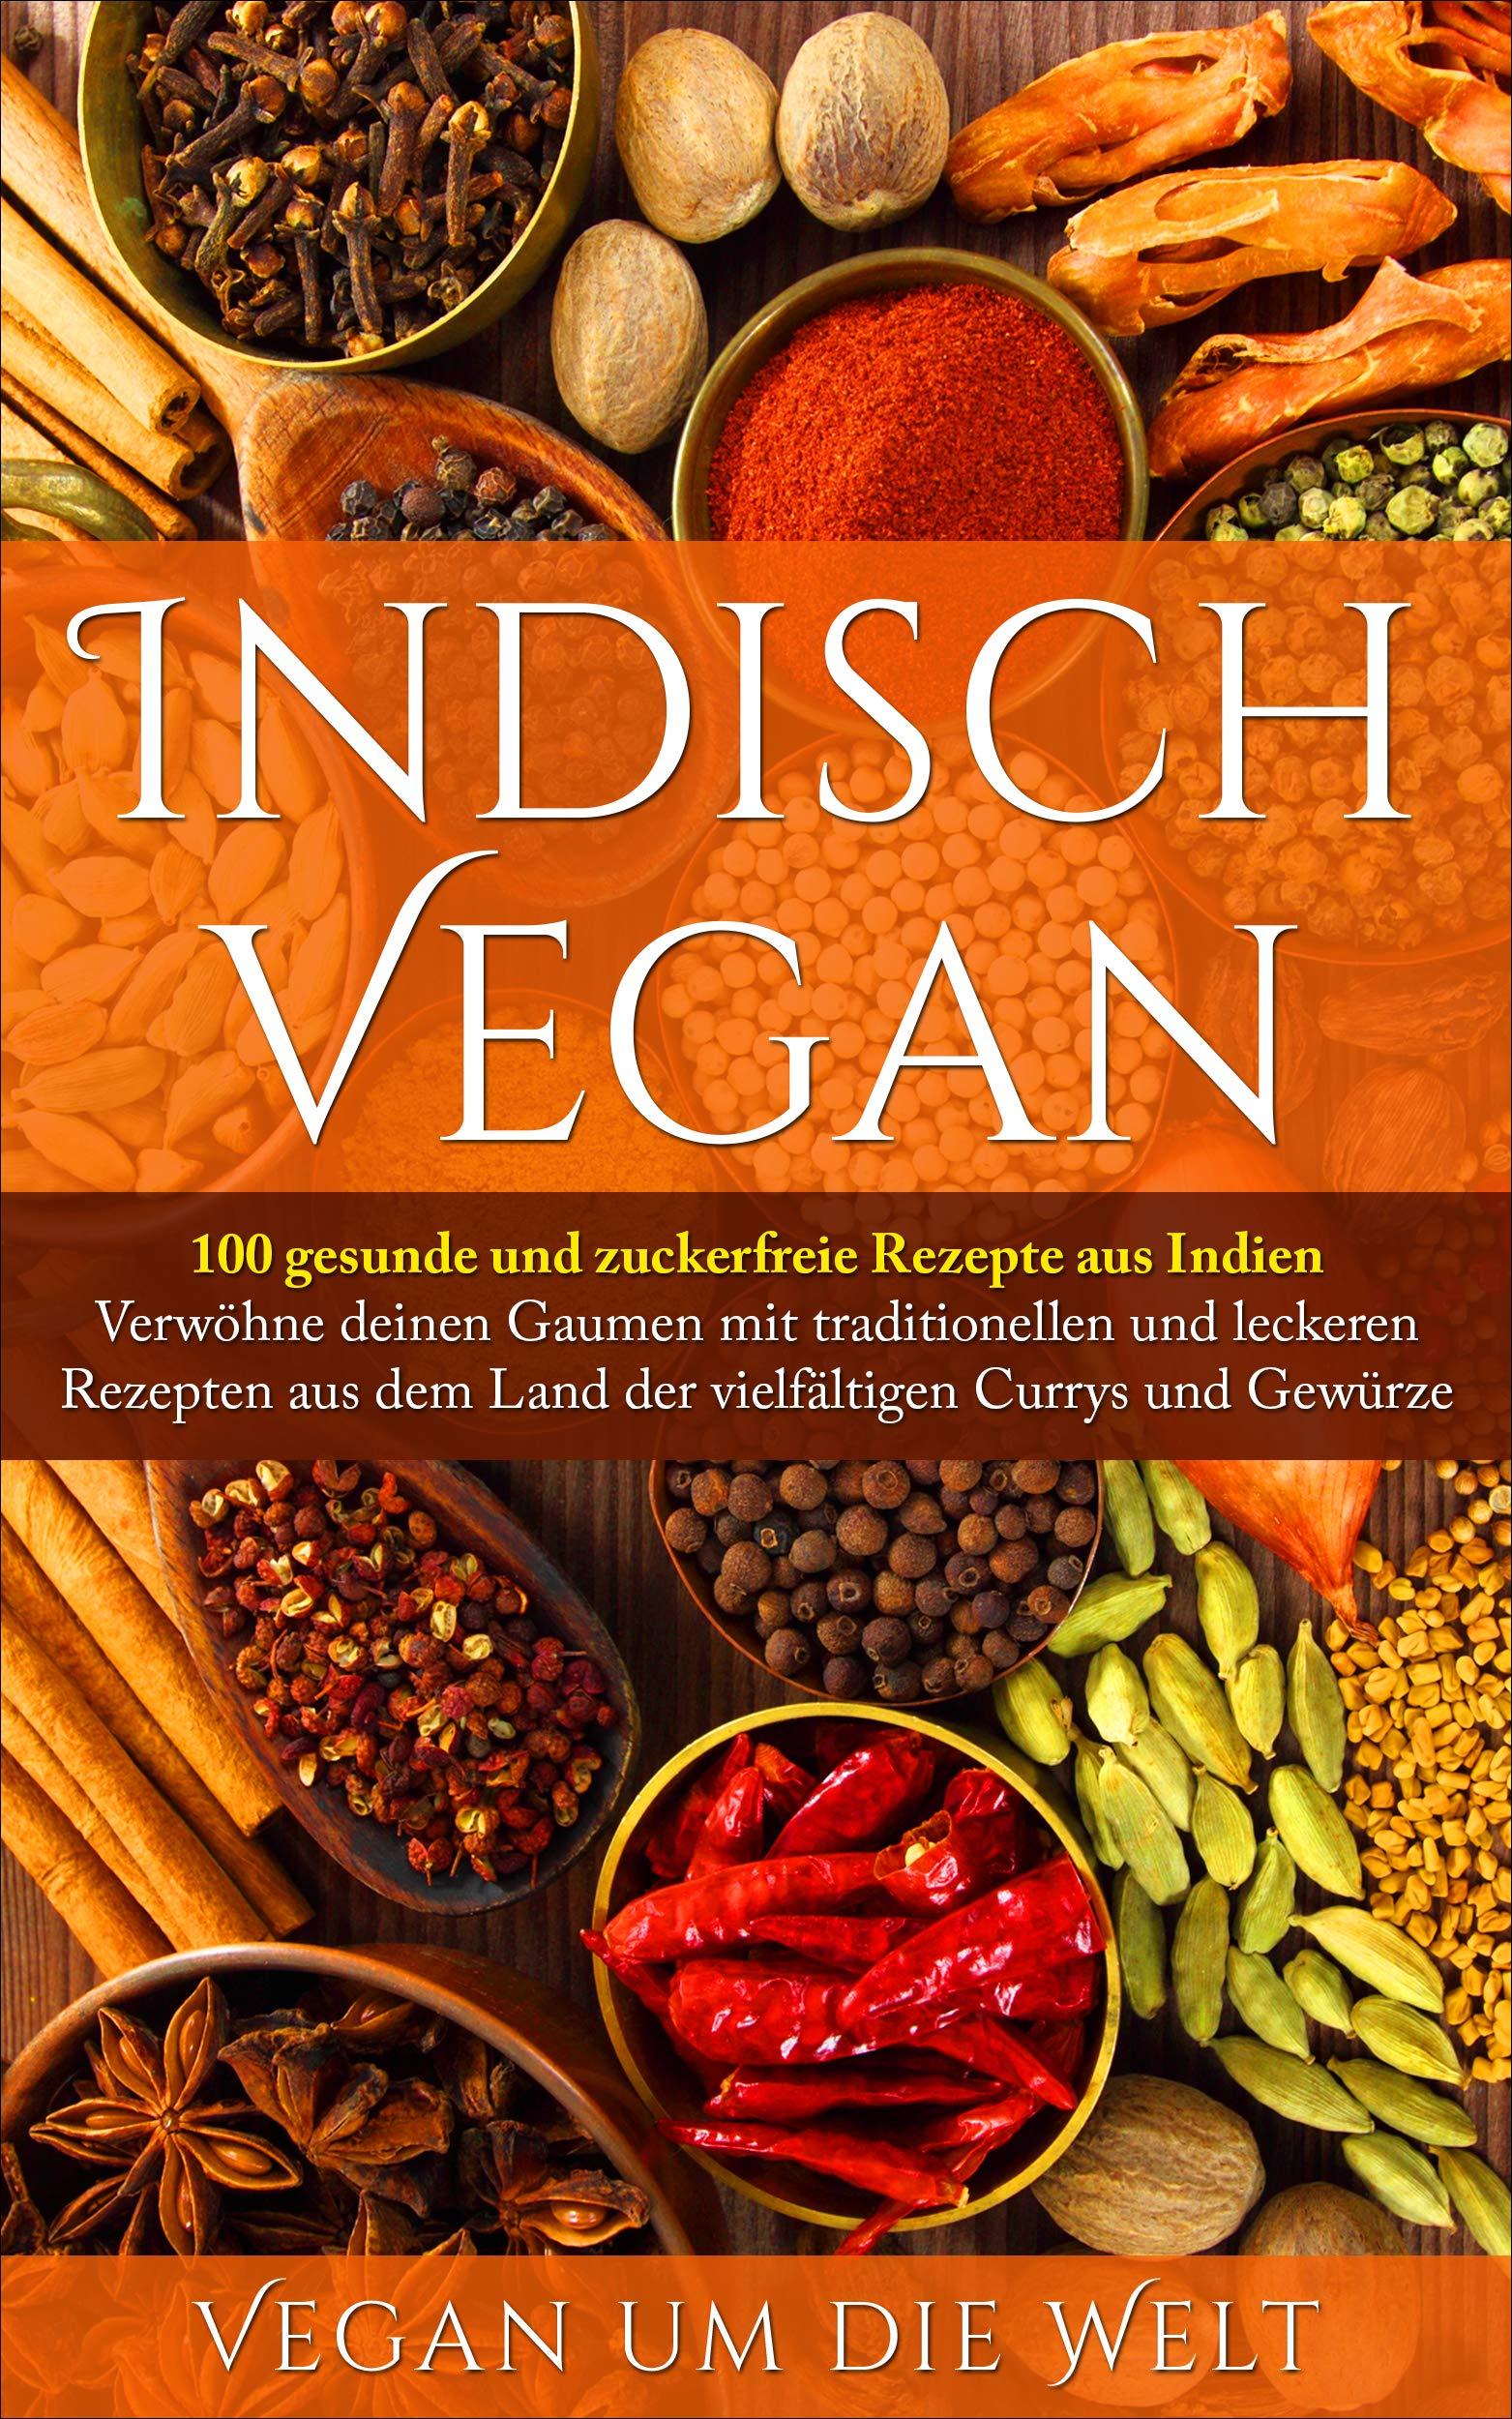 Indisch Vegan  100 Gesunde Und Zuckerfreie Rezepte Aus Indien   Für Vegetarier Und Veganer Geeignet